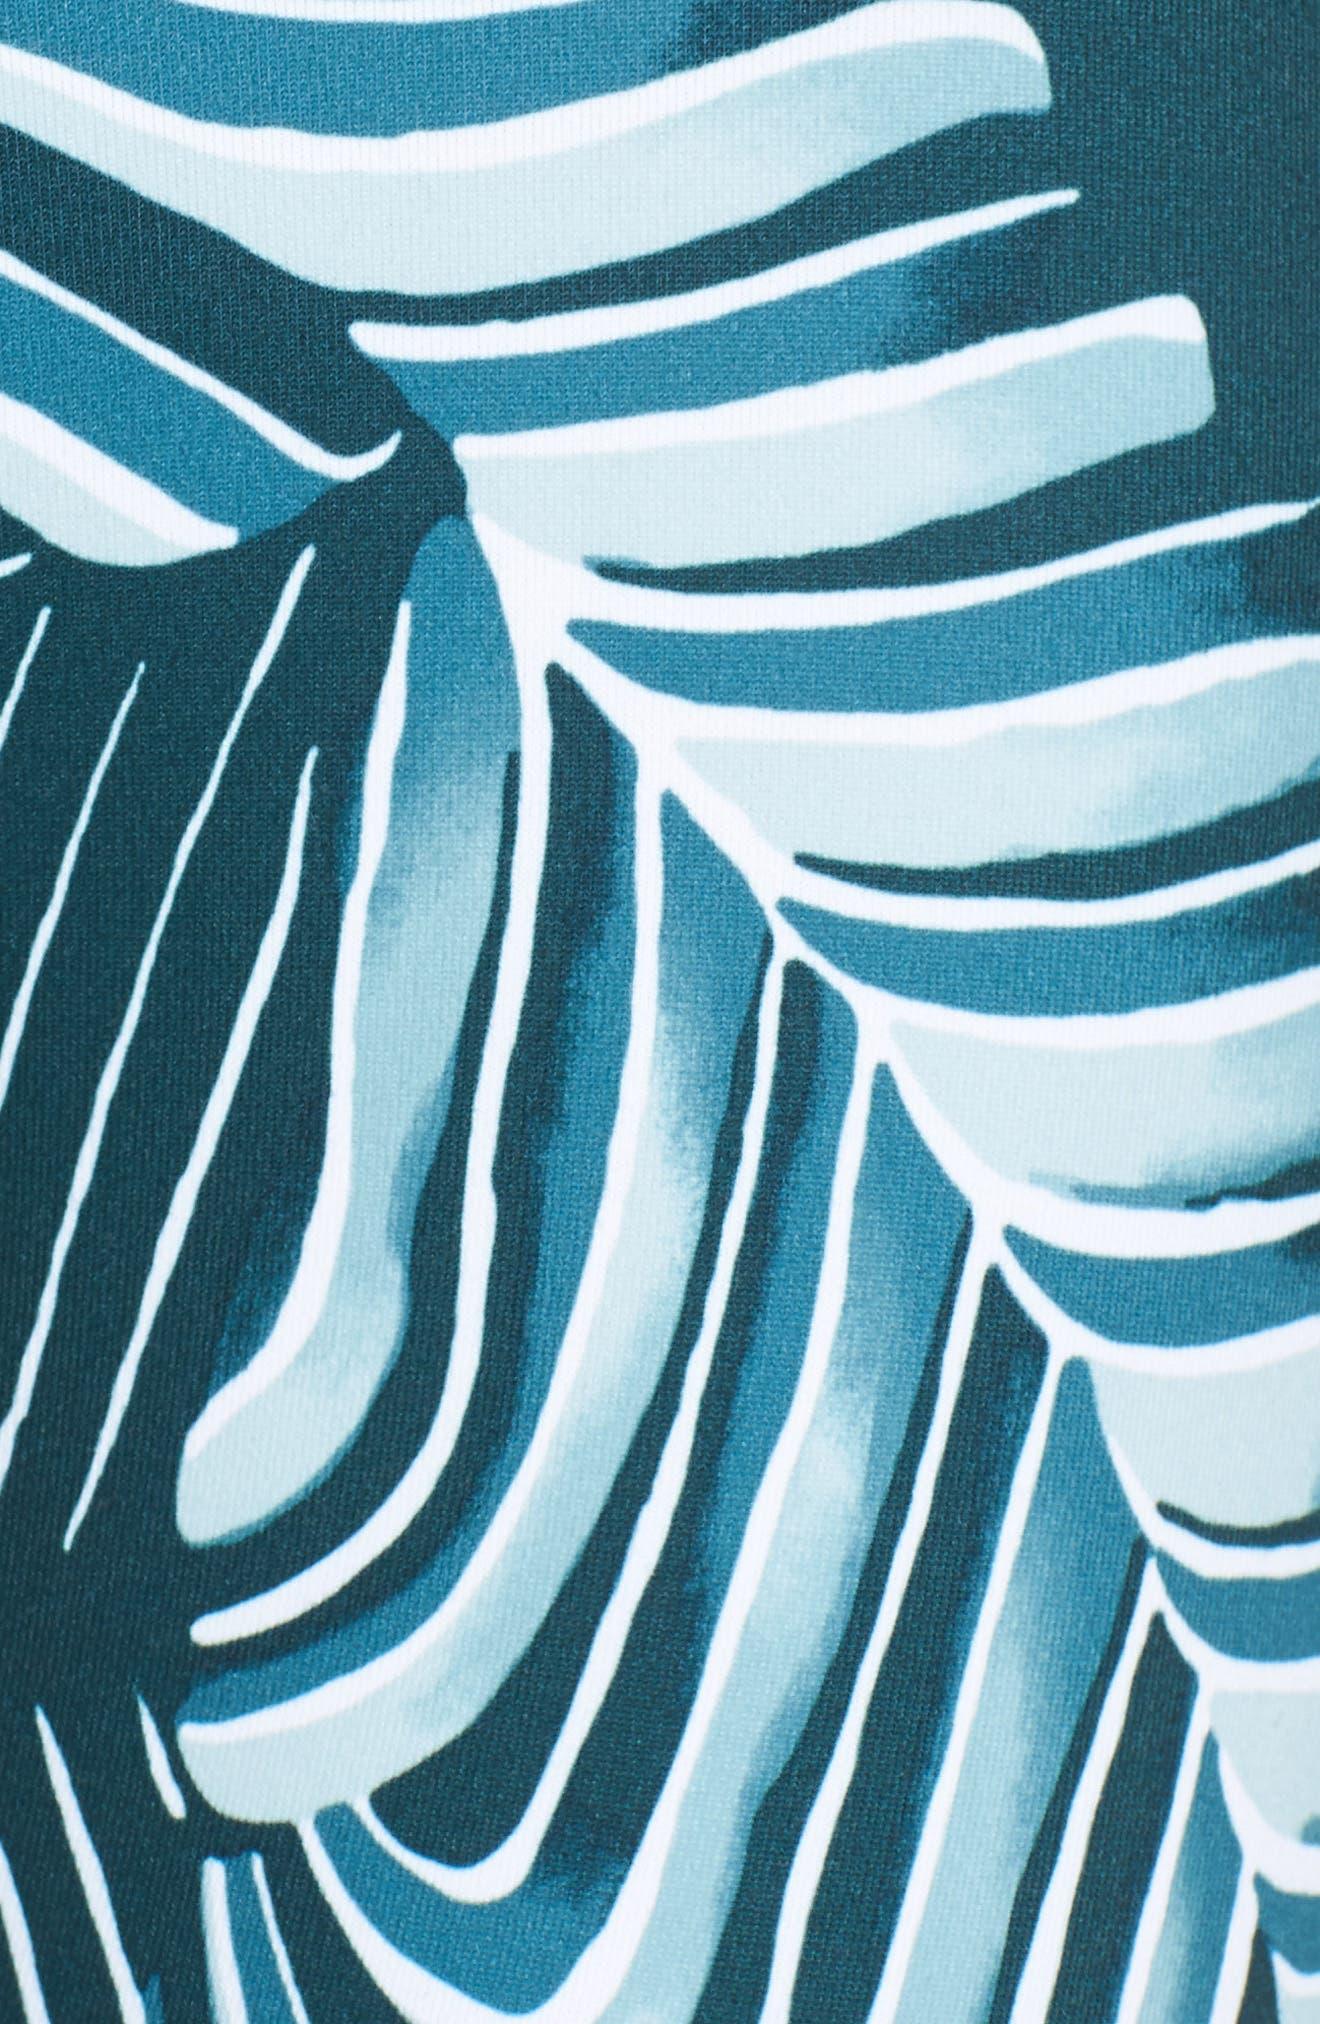 'Hatha' High Waist Crop Leggings,                             Alternate thumbnail 99, color,